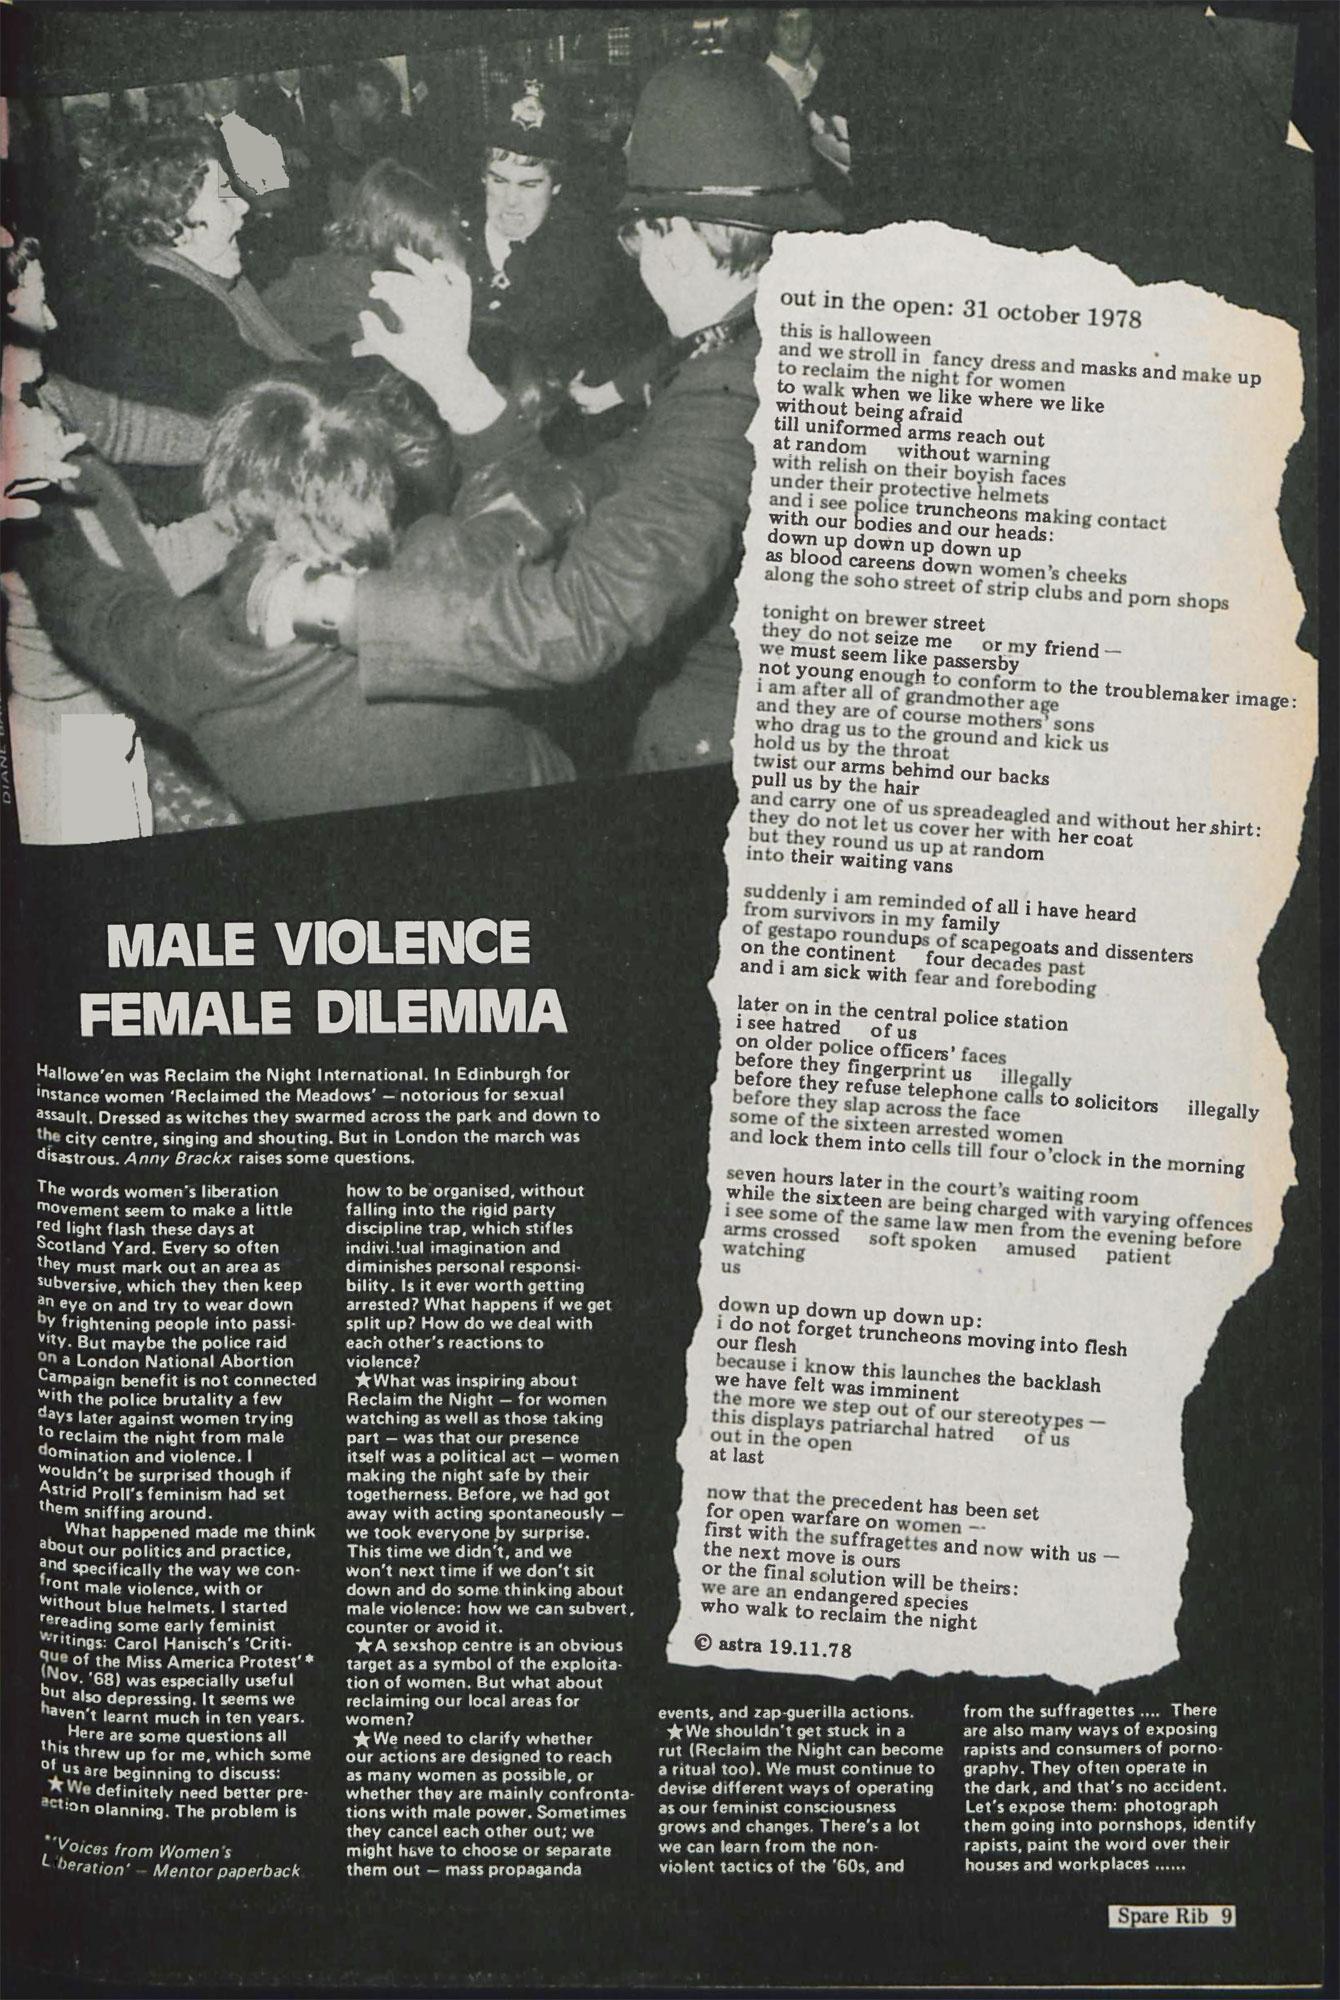 Spare Rib magazine issue 78 p. 9